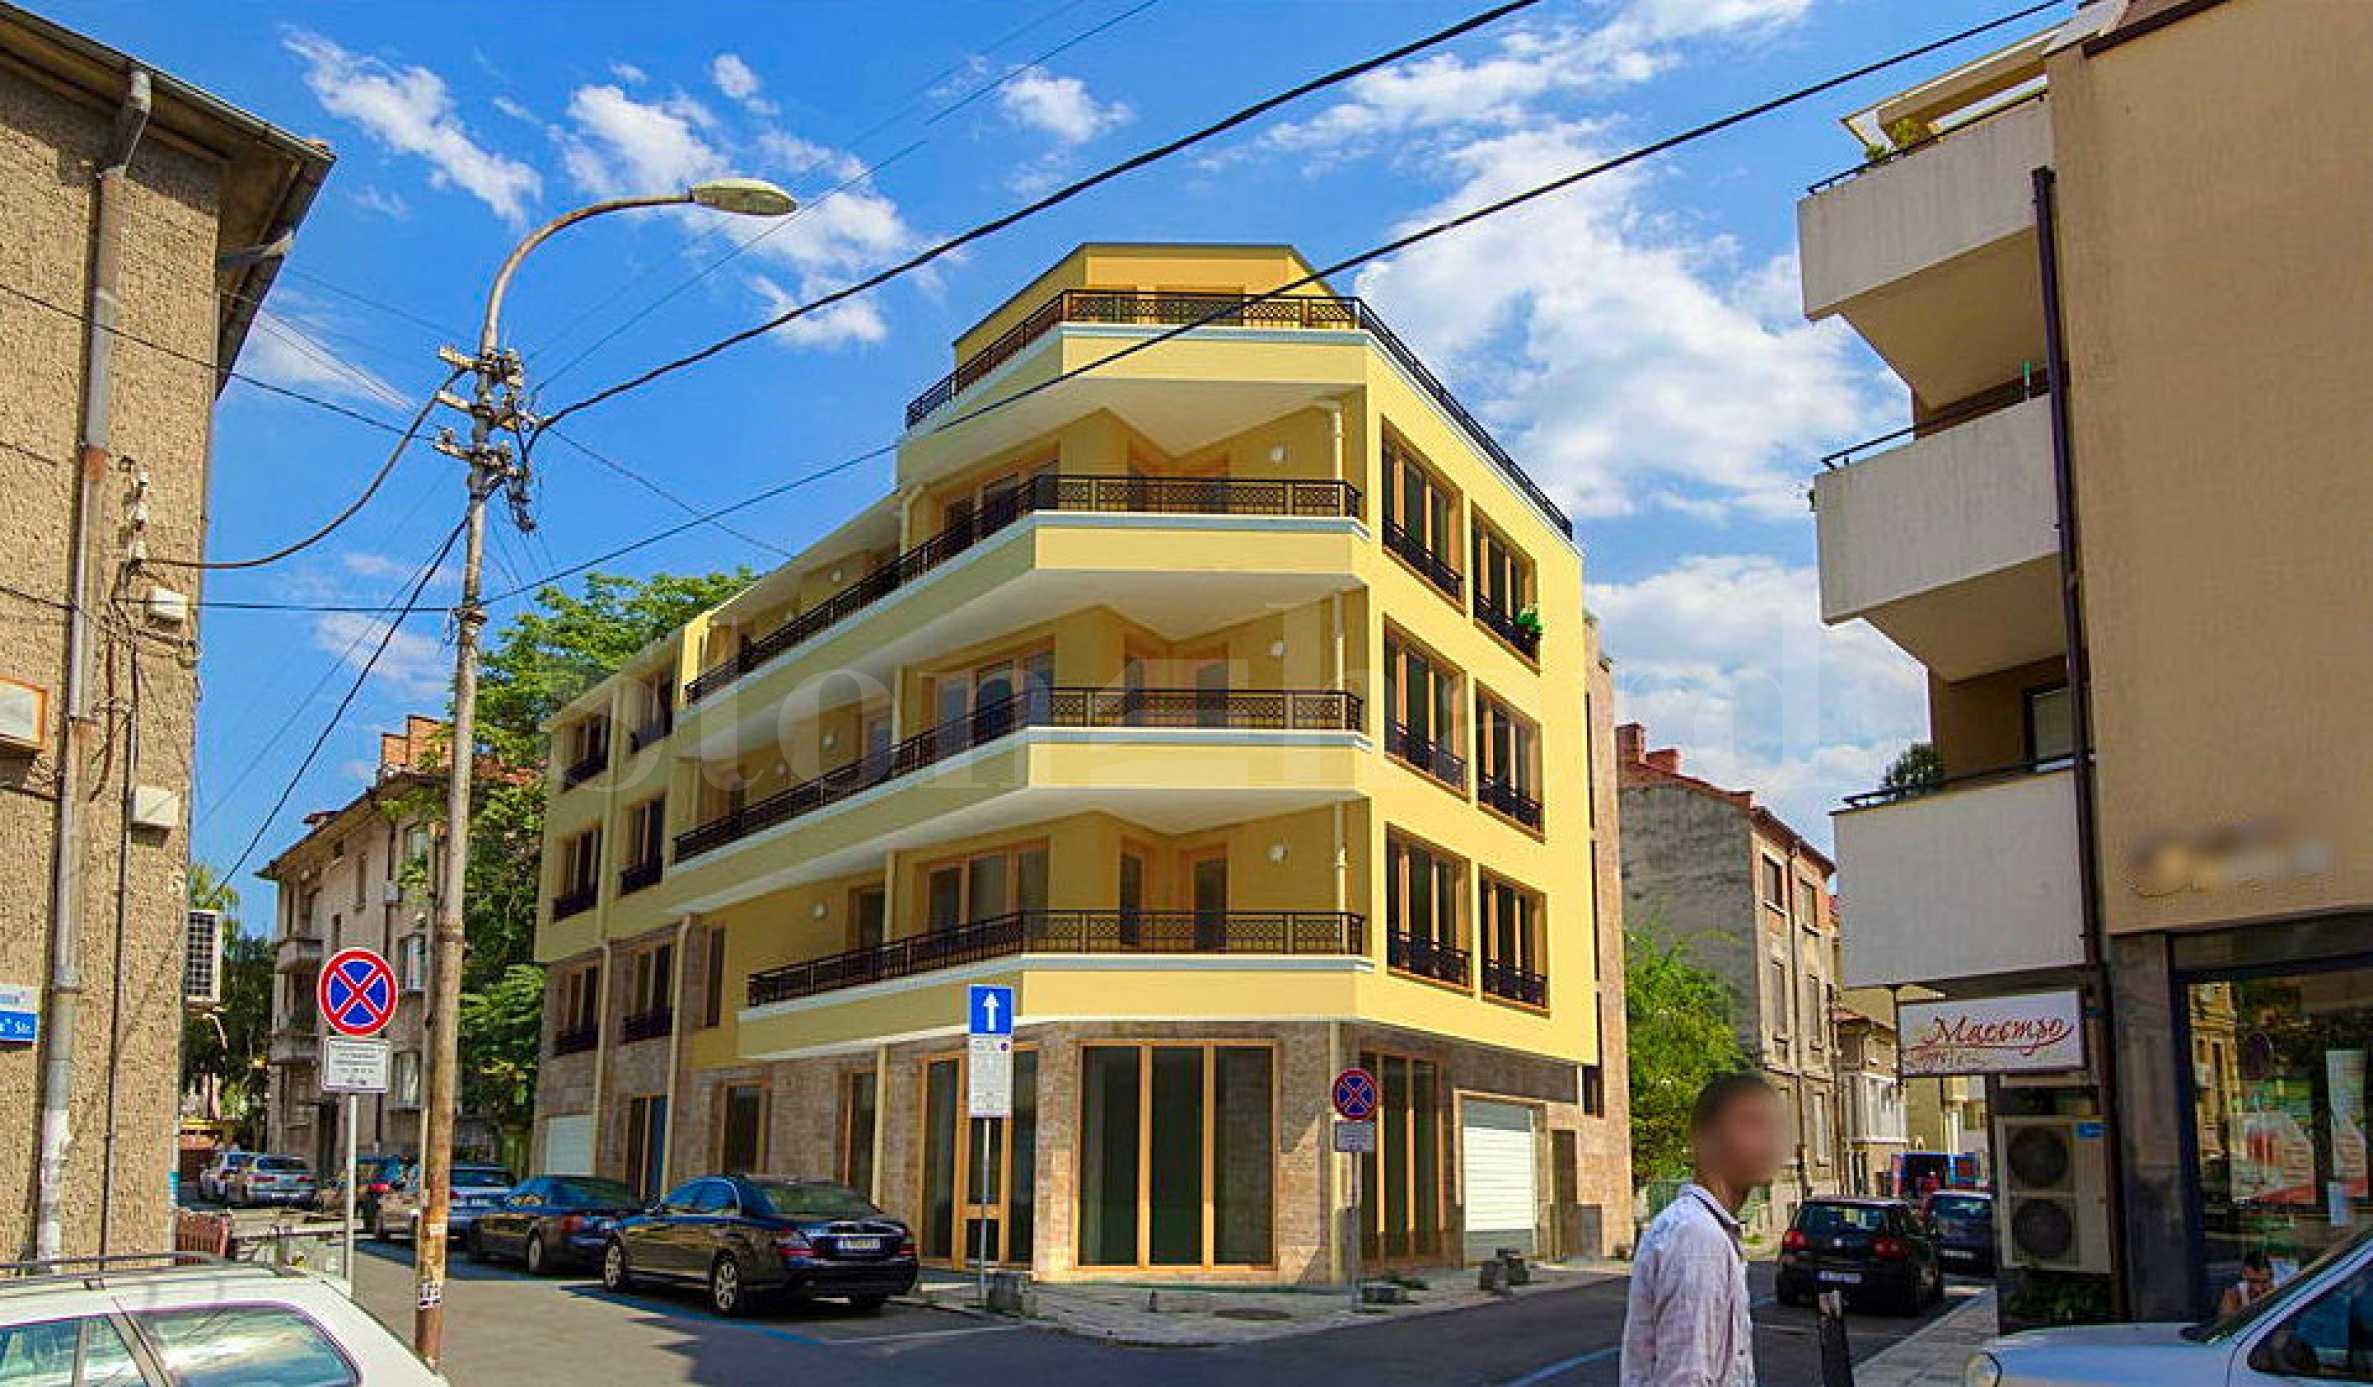 Апартаменти в нова жилищна сграда в идеалния център на Бургас1 - Stonehard